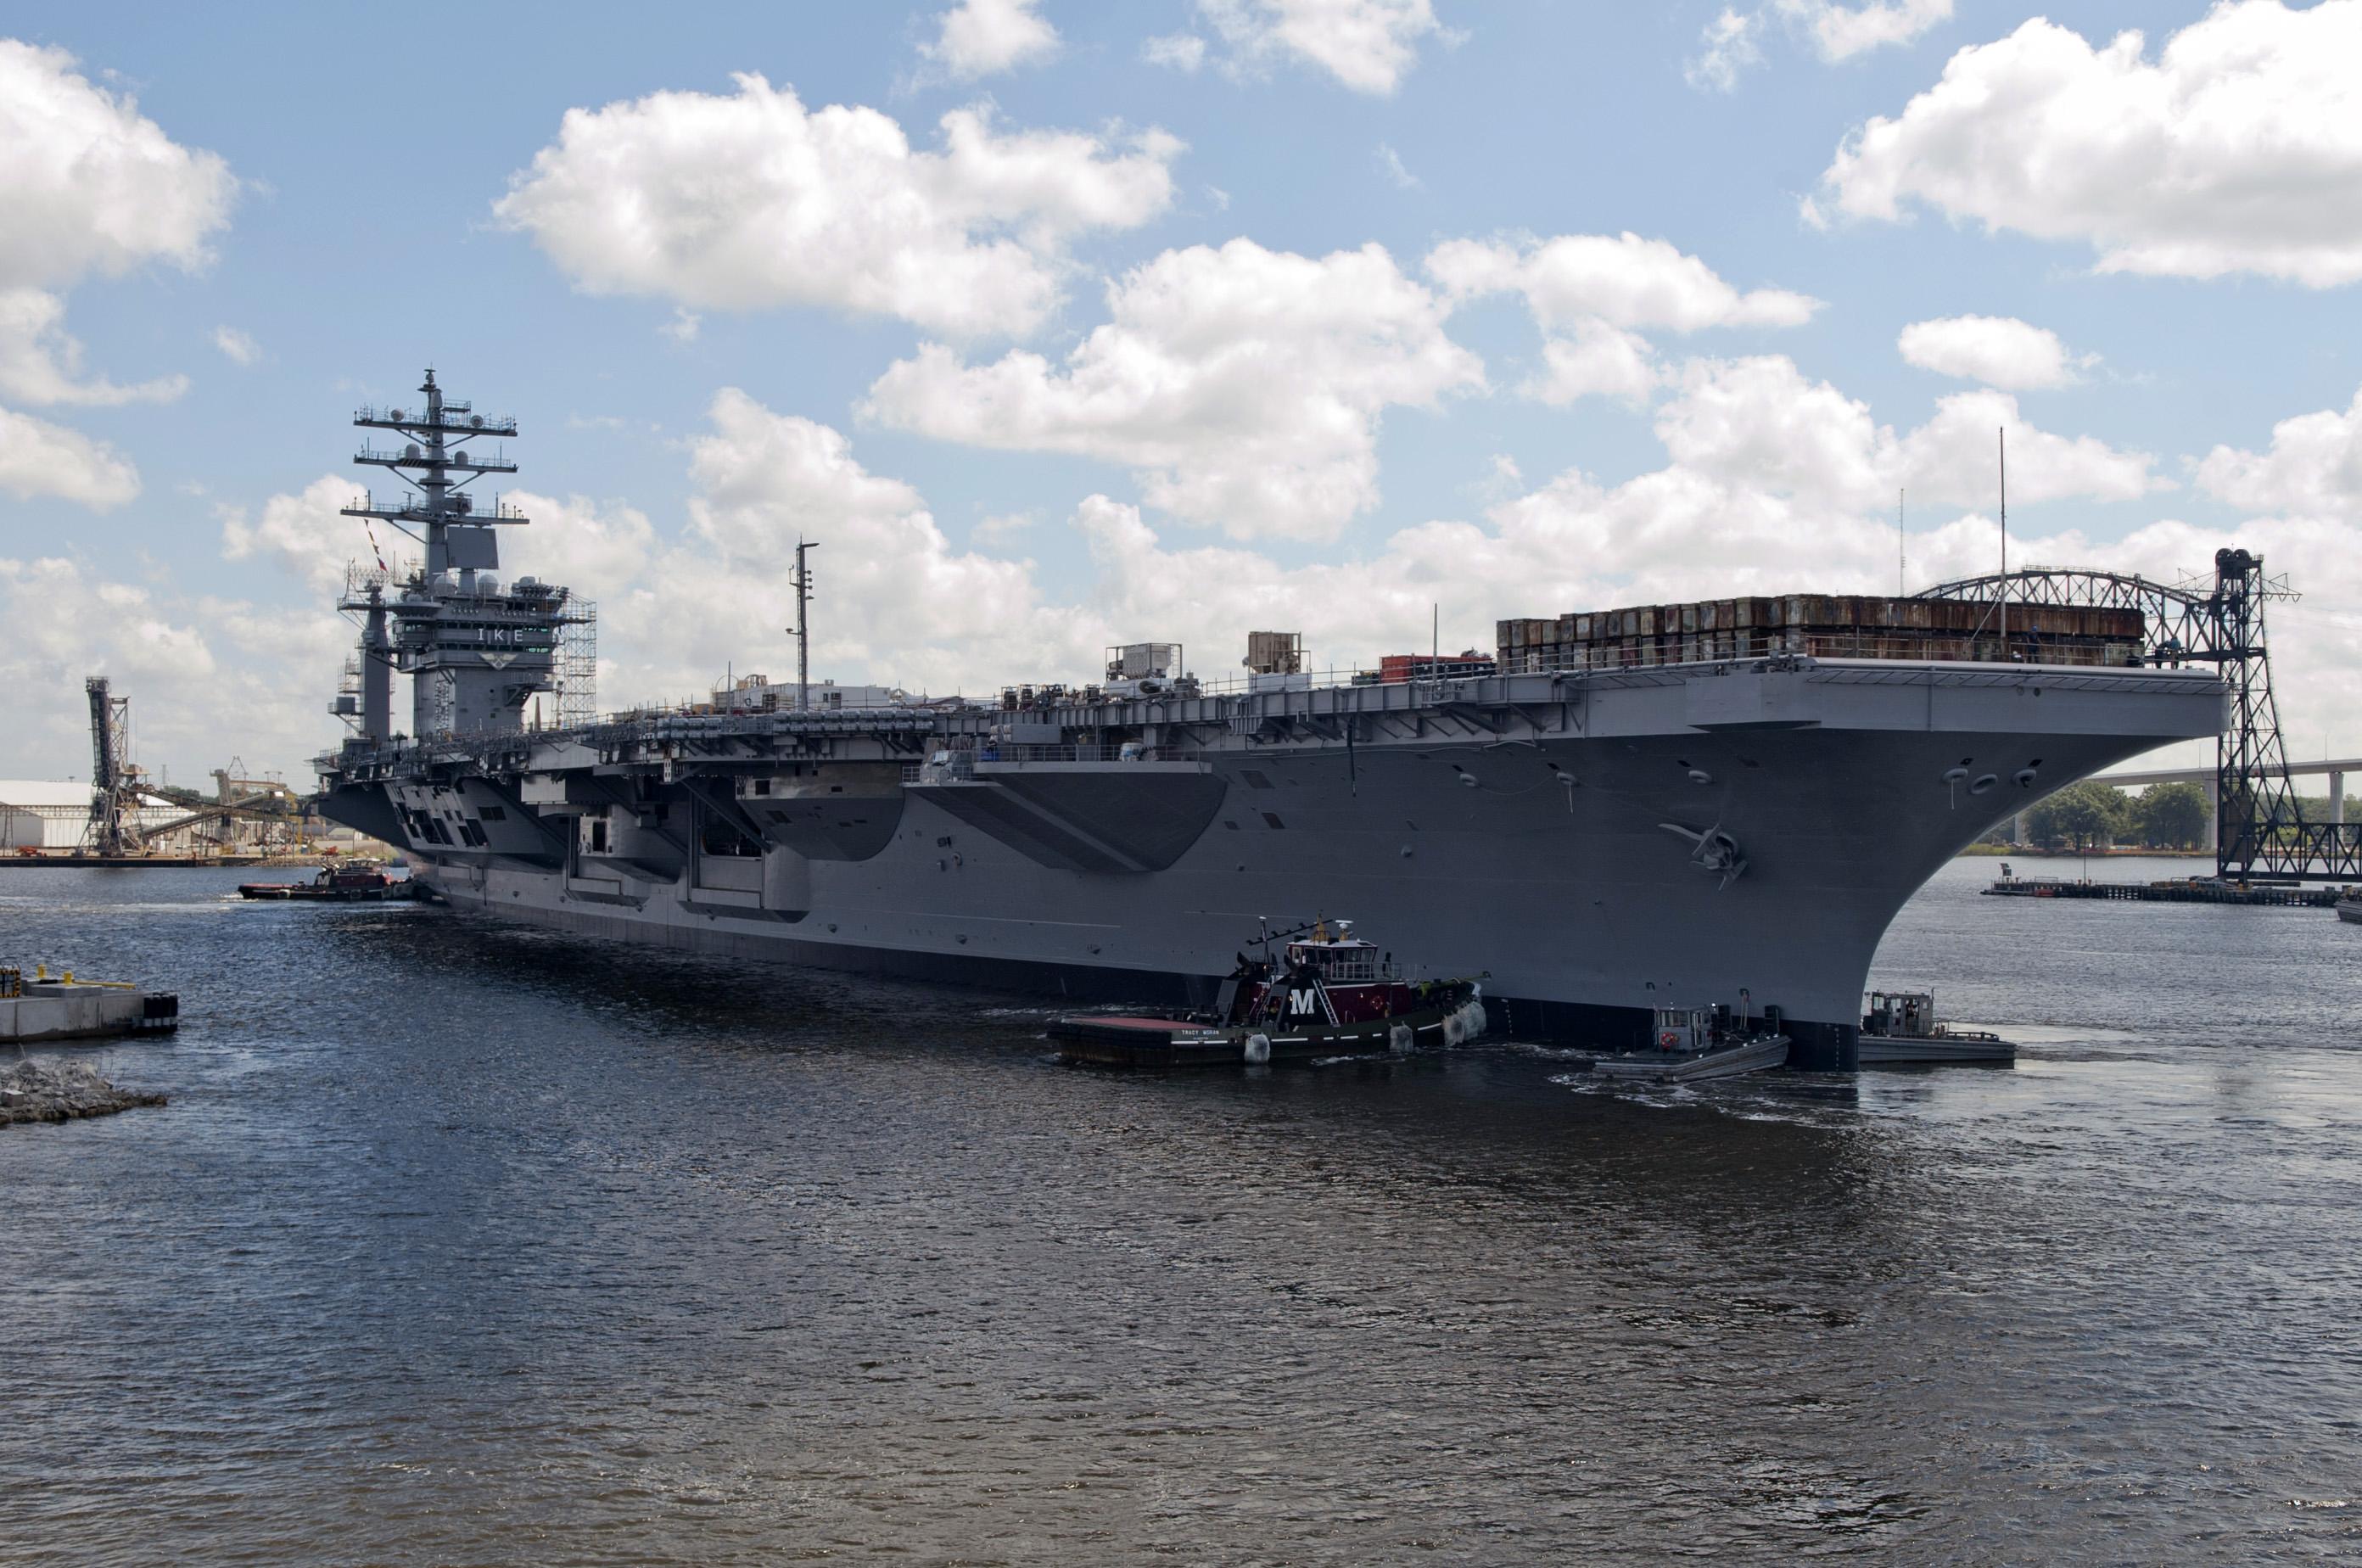 USS DWIGHT D. EISENHOWER CVN-69 am 26.08.2014 Bild: U.S. Navy